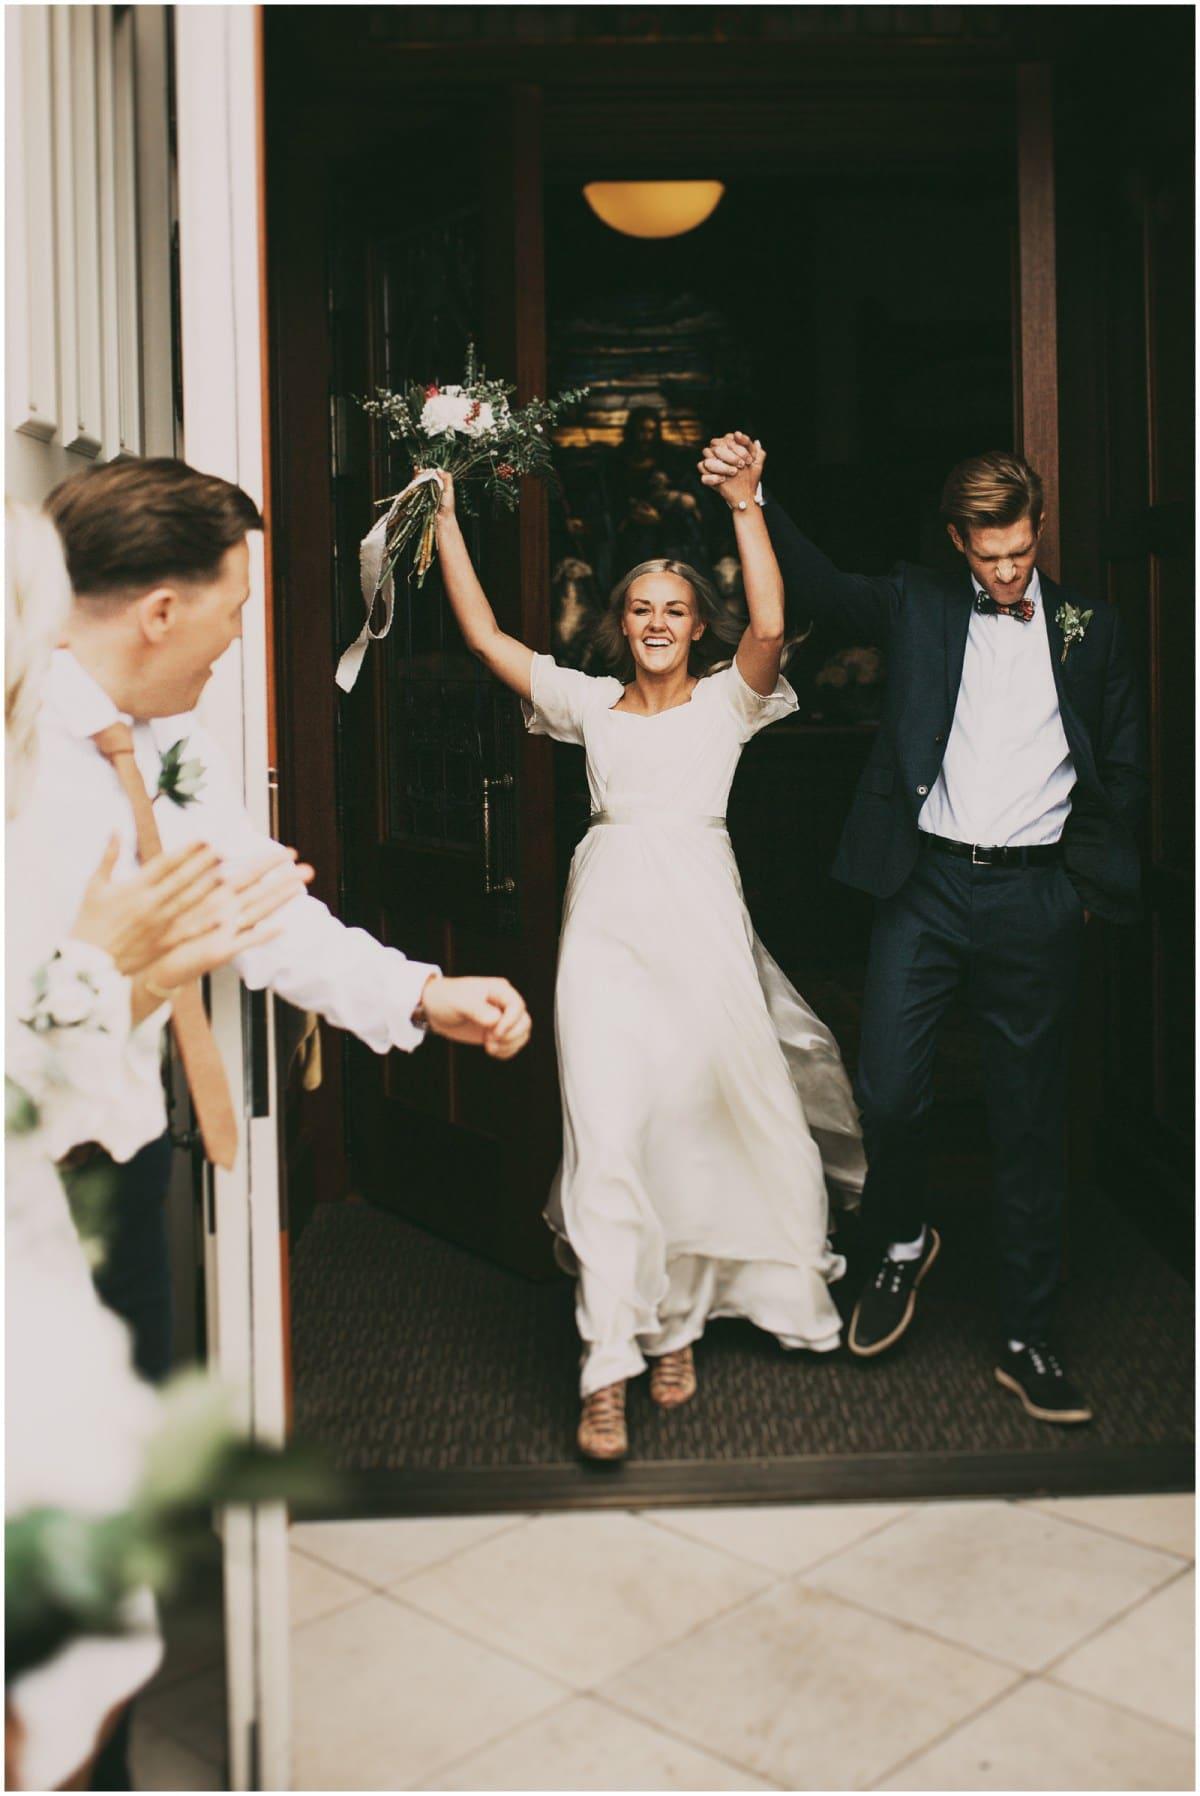 5 különleges esküvői szokás a nagyvilágból